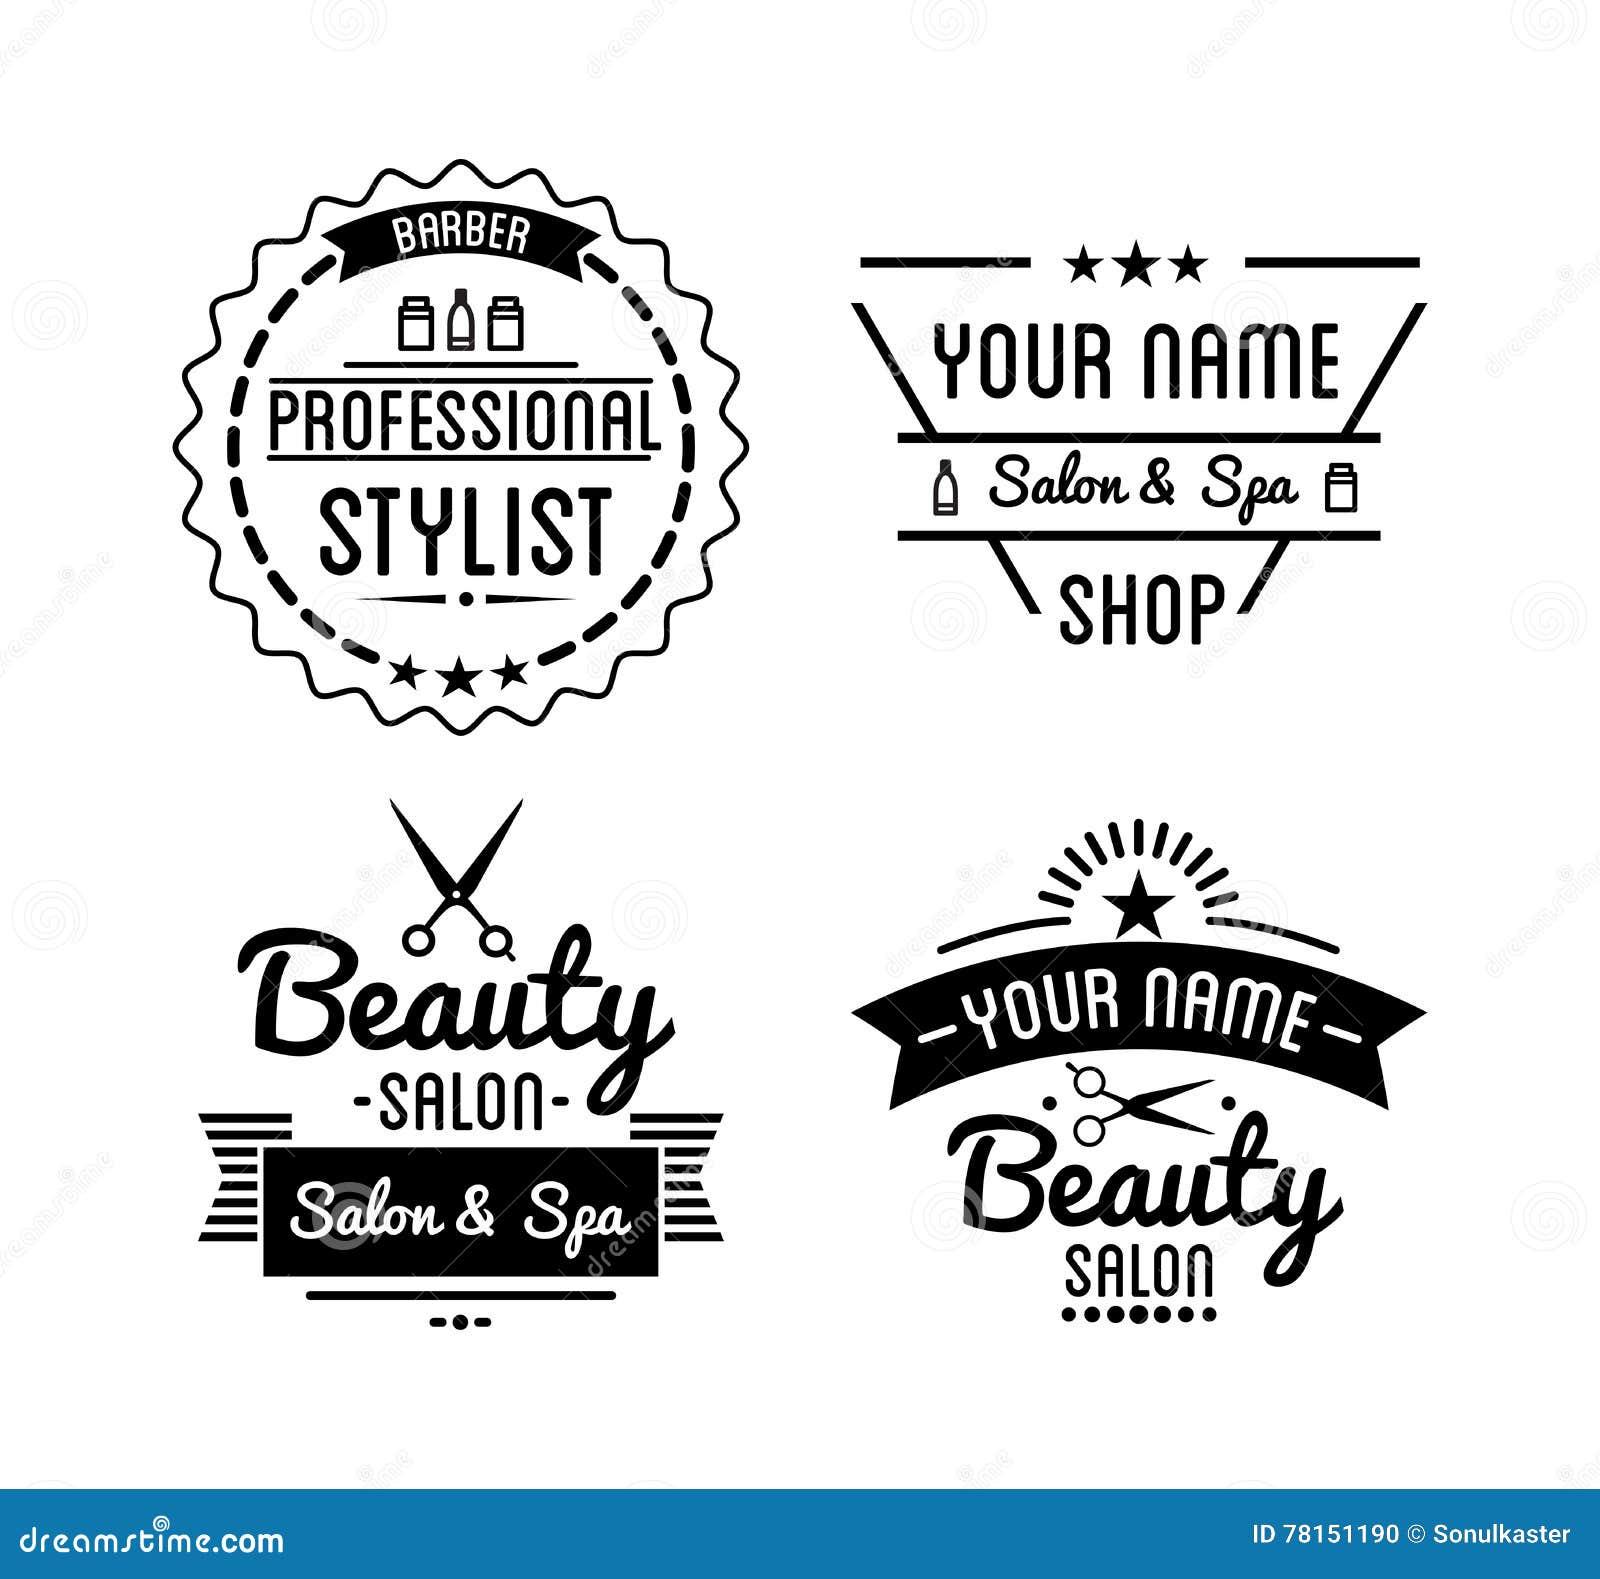 Set Of Vintage Barber Shop Logo And Beauty Spa Salon Badges